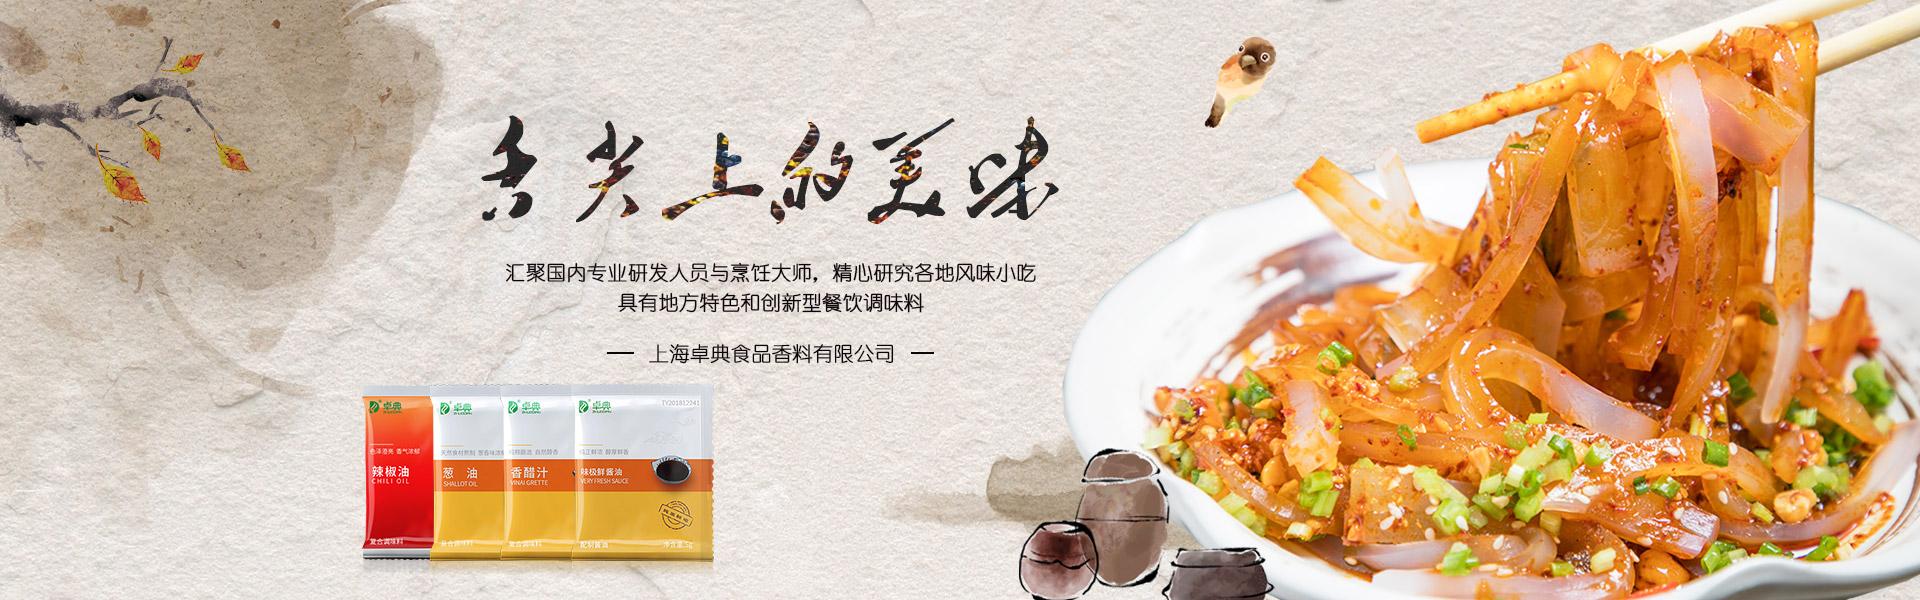 上海卓典食品香料有限公司